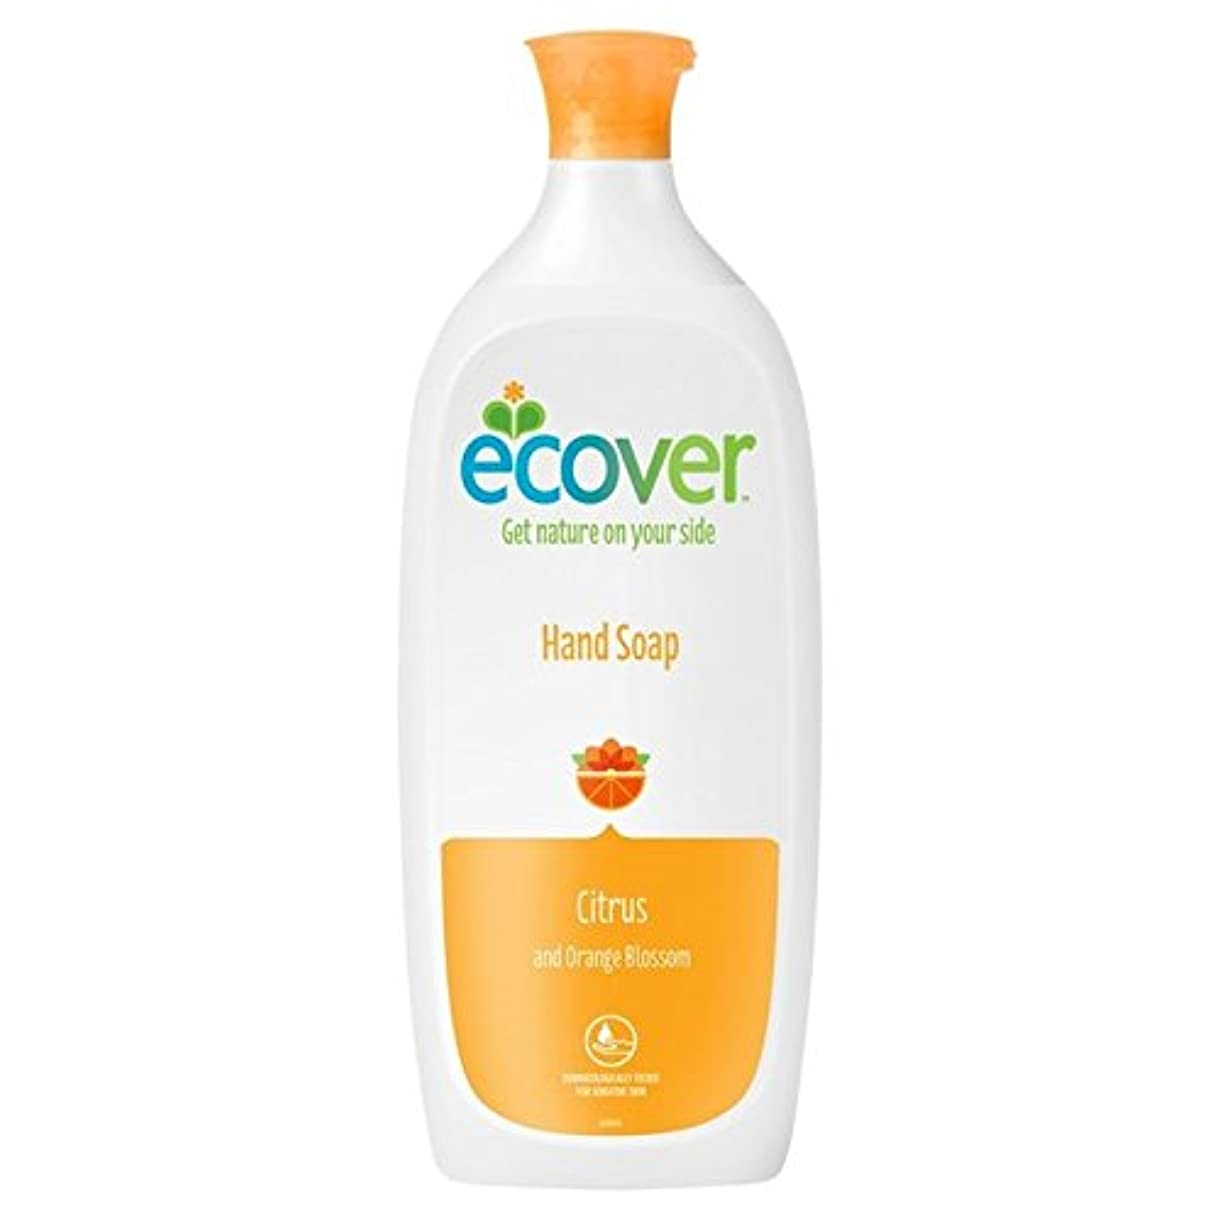 甥無傷ヒゲクジラEcover Liquid Soap Citrus & Orange Blossom Refill 1L - エコベール液体石鹸シトラス&オレンジの花のリフィル1リットル [並行輸入品]